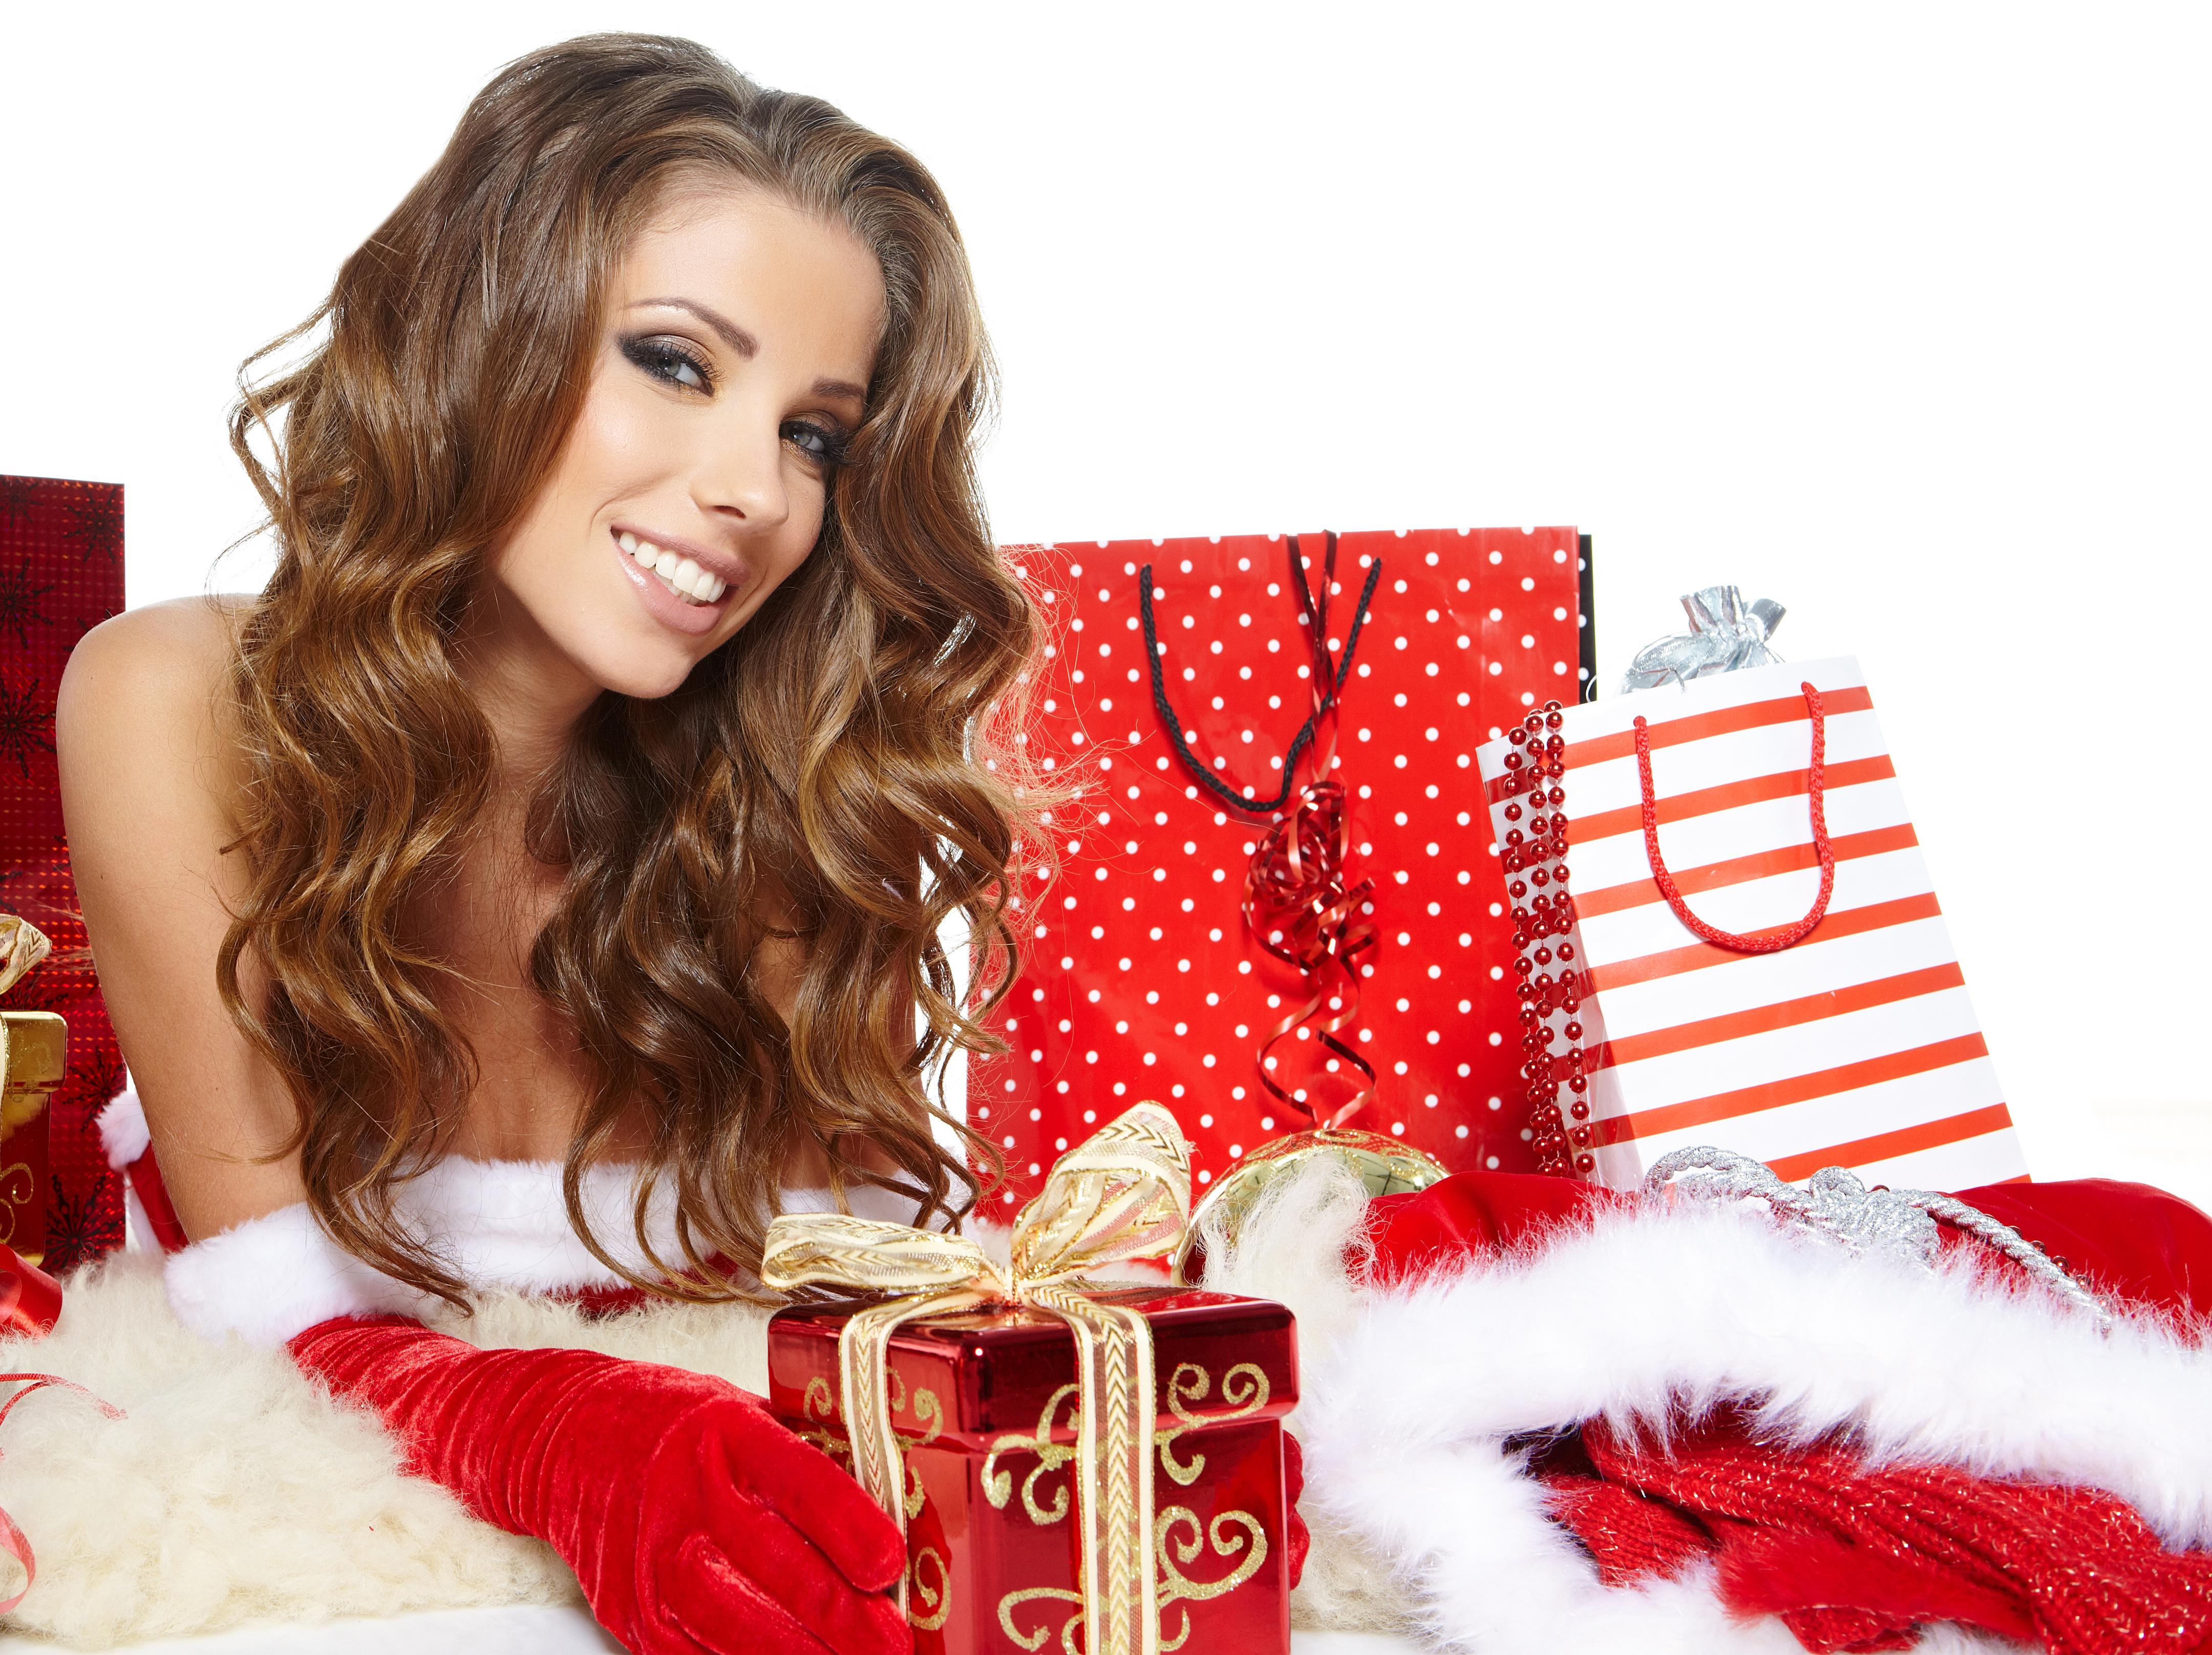 Открытки на новый год с девушками, шиншиллы картинки открытка